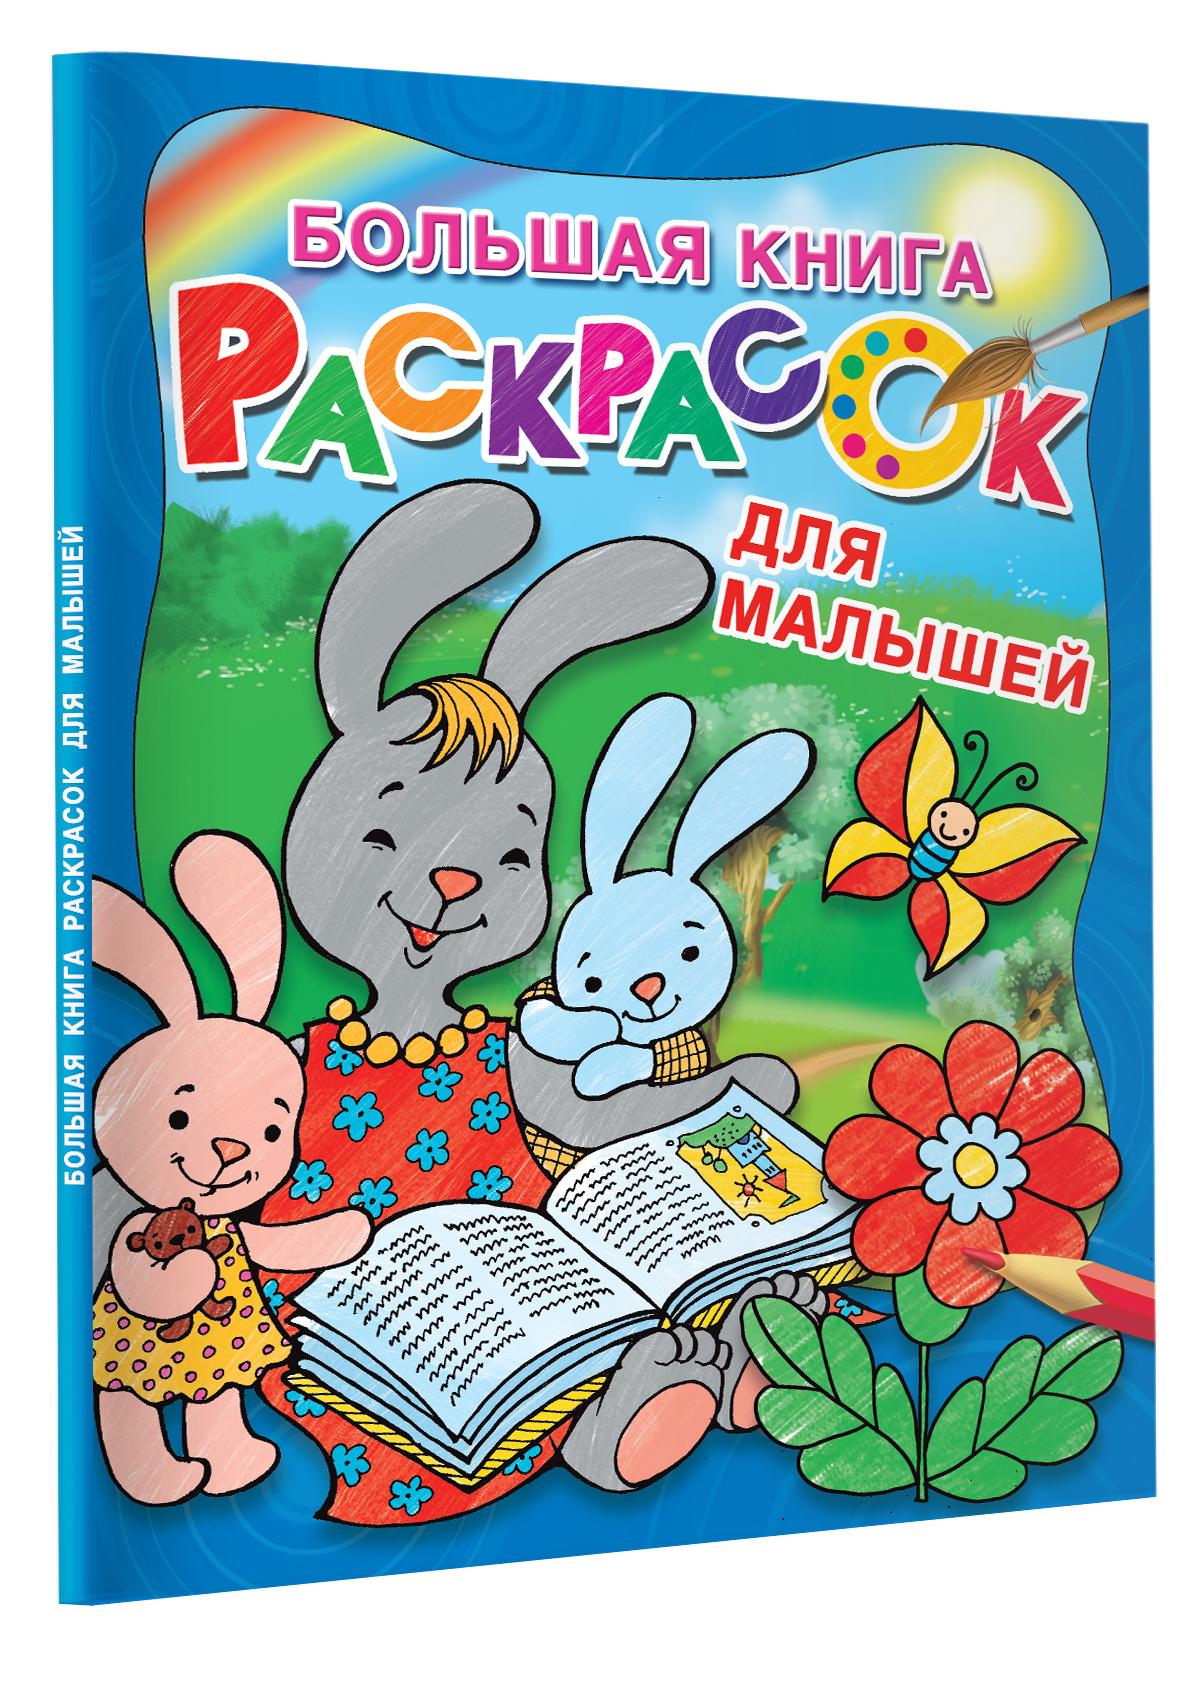 Двинина Л.В. Большая книга раскрасок для малышей для малышей большая книга раскрасок